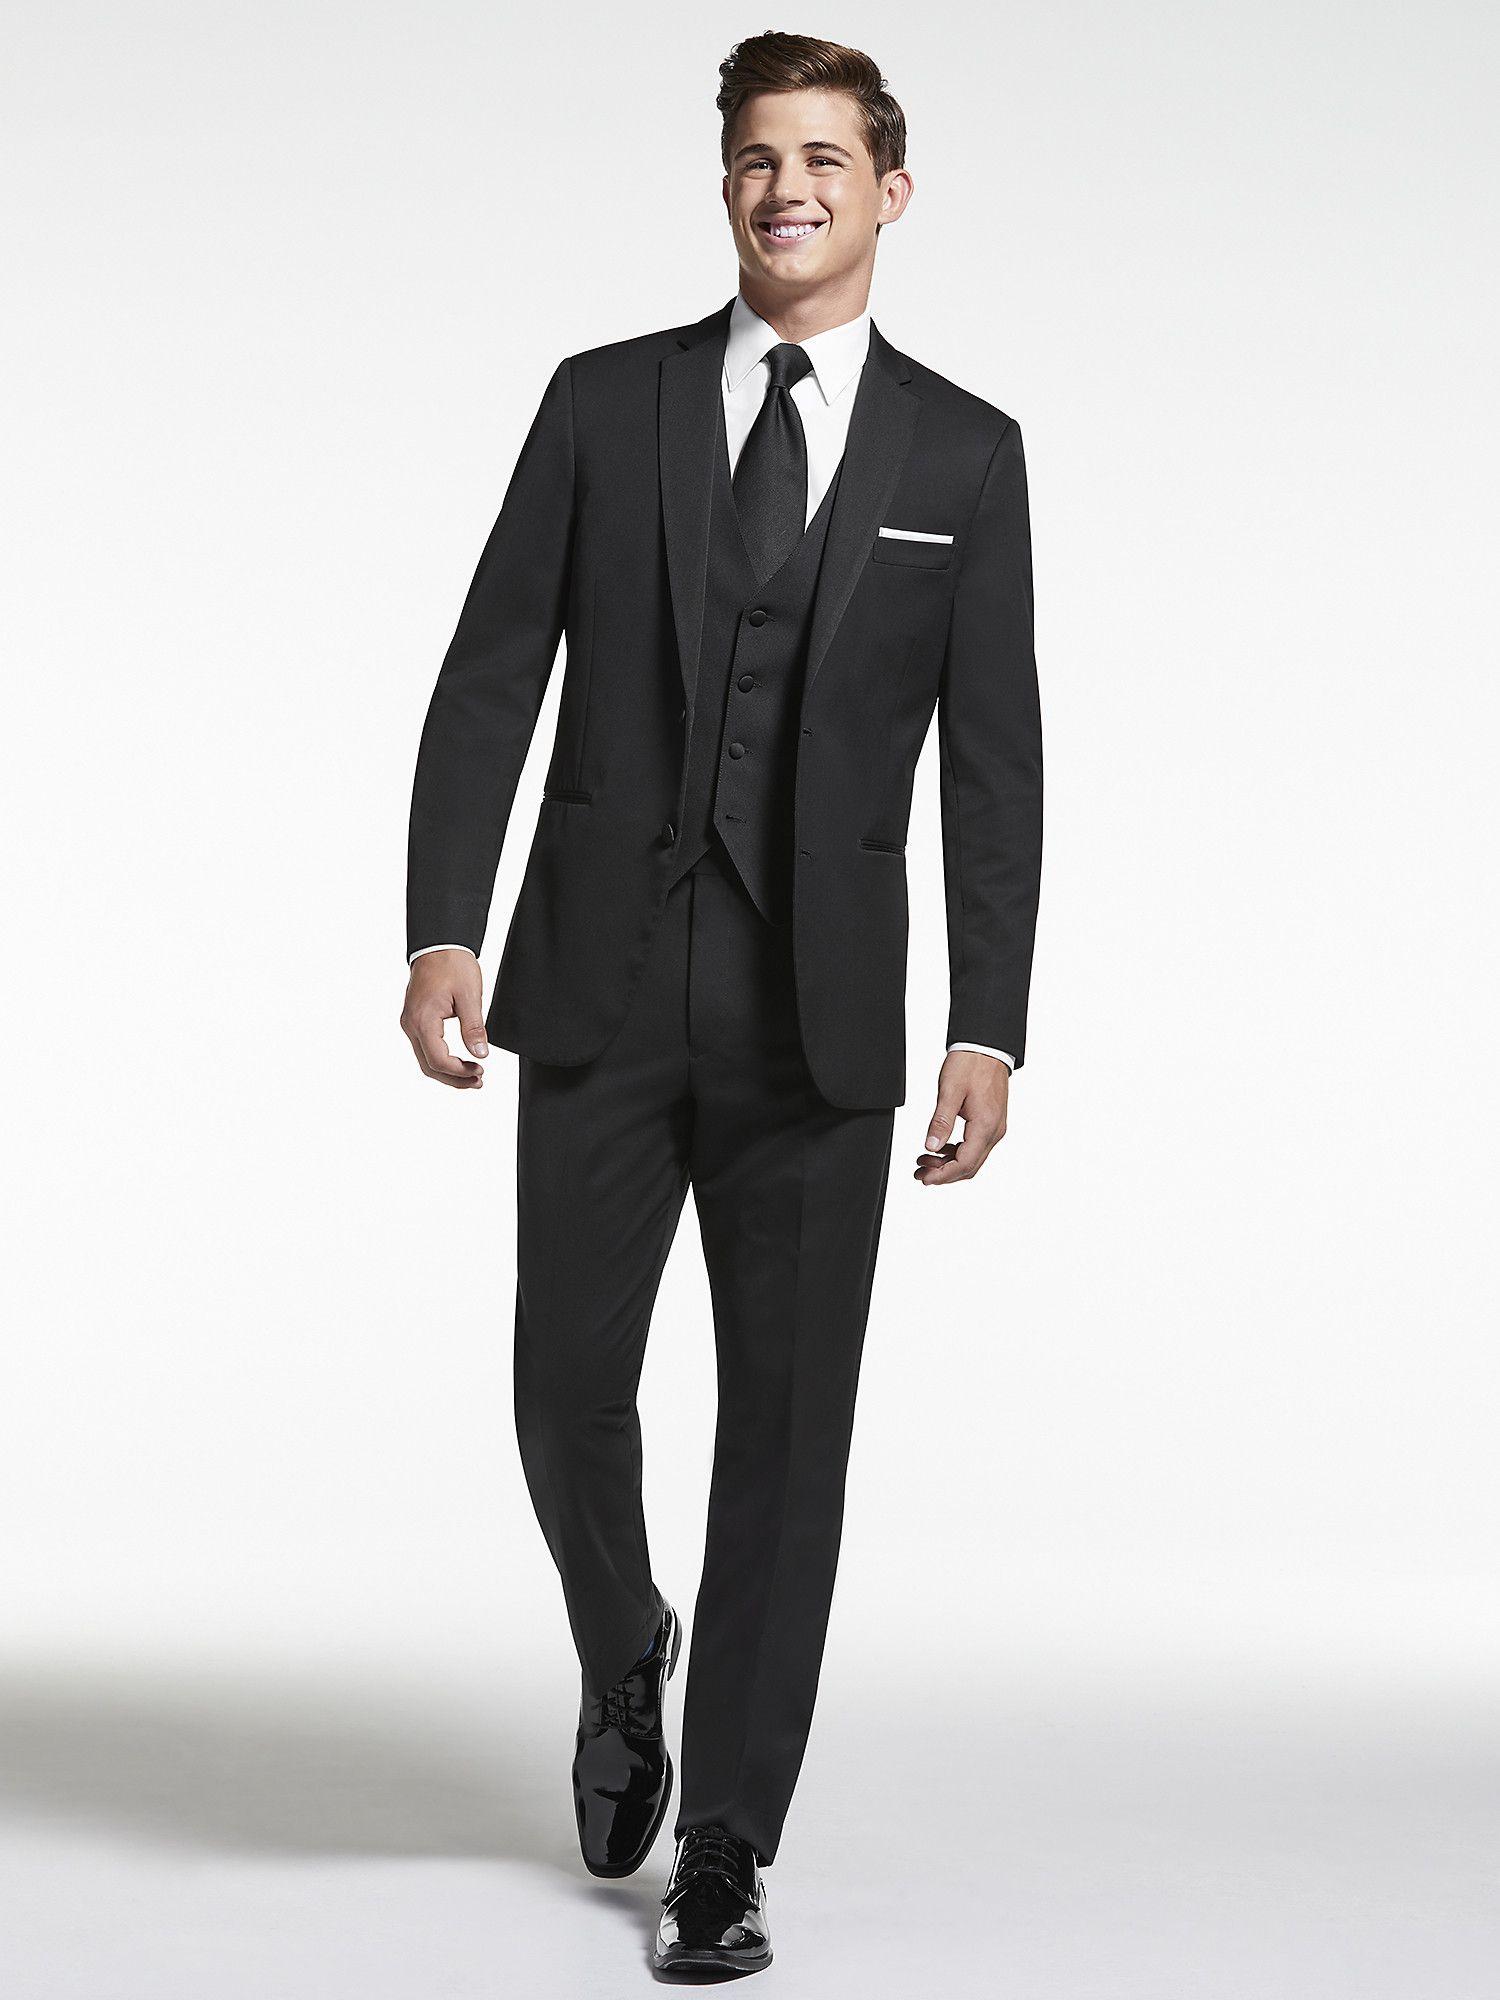 BLACK By Vera Wang Black Notch Lapel Tux in 2020 Tuxedo